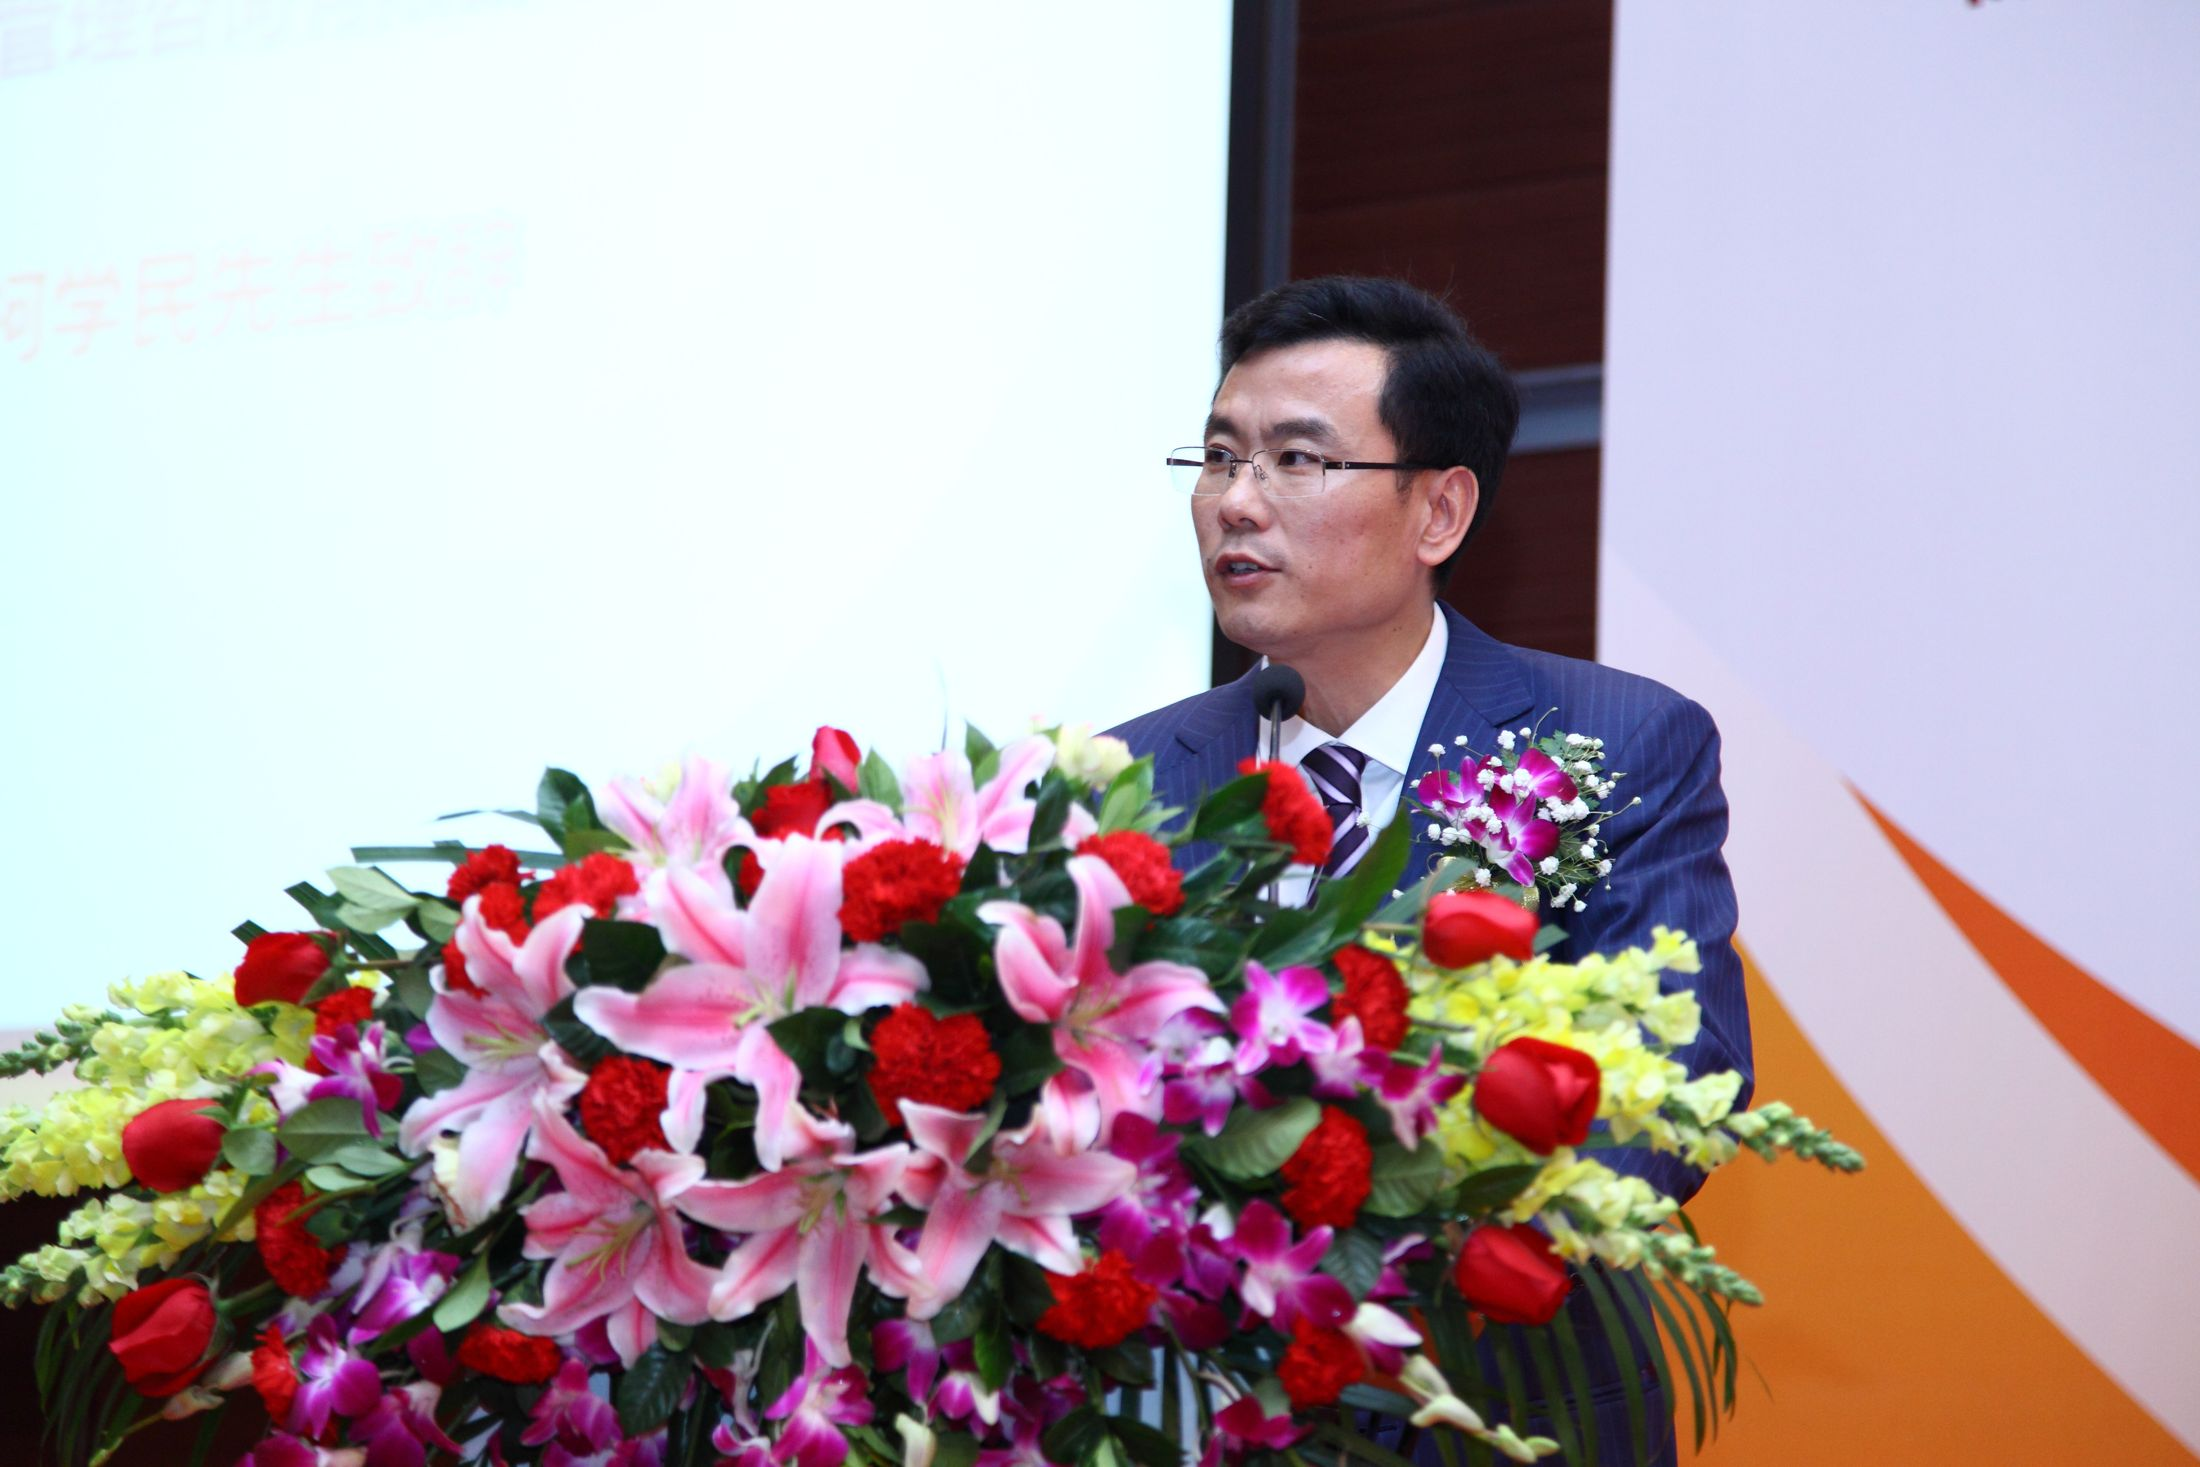 第三届智鼎领导力论坛在京隆重召开 (10)